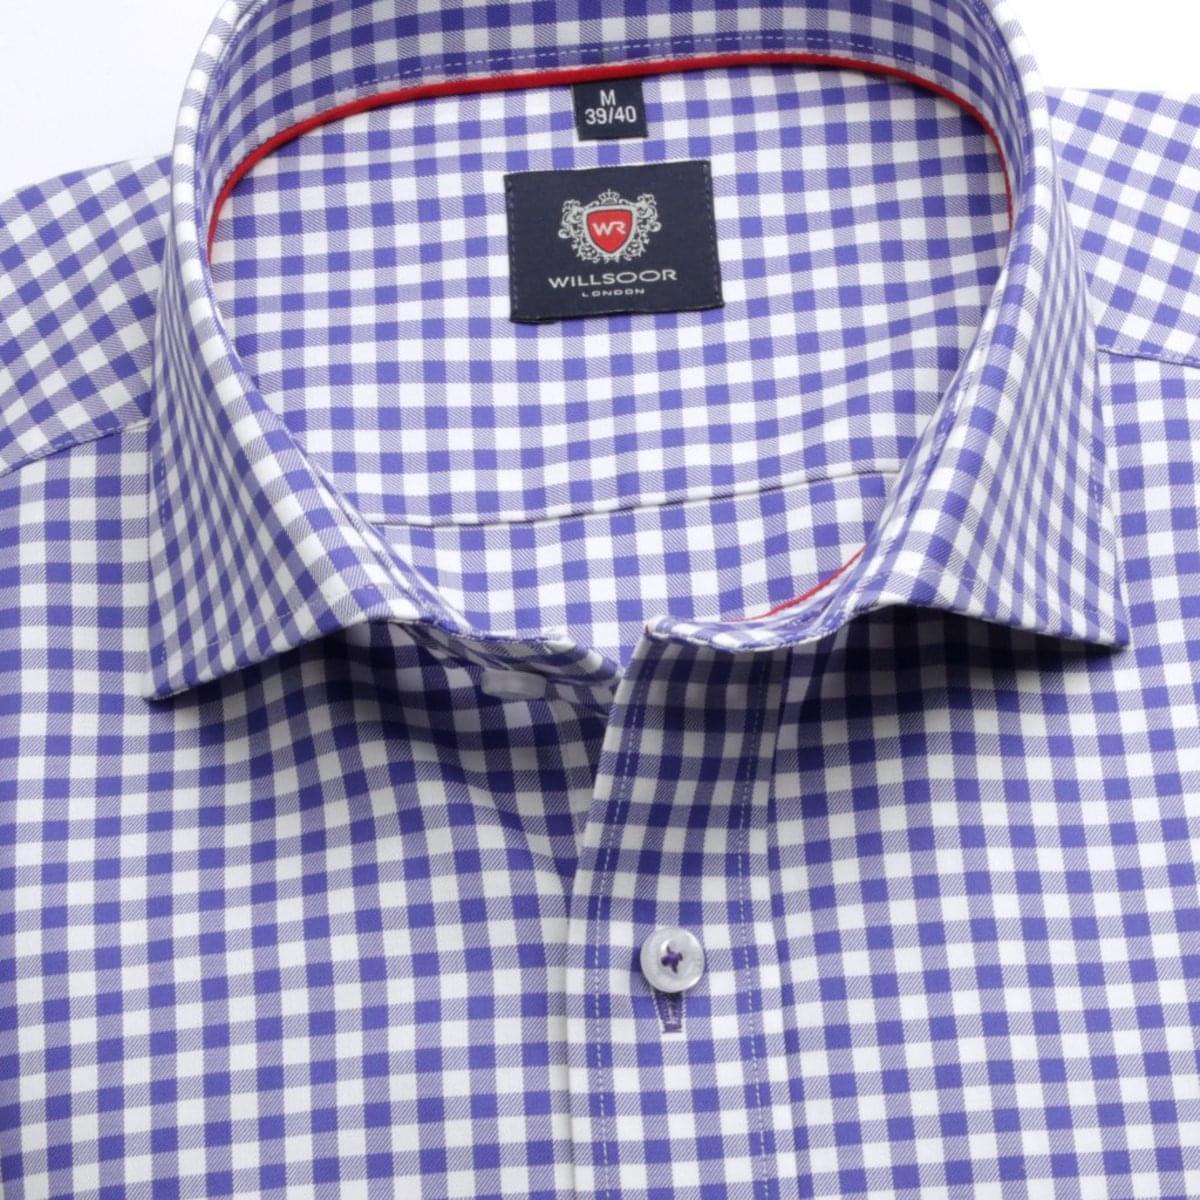 Pánská klasická košile London (výška 188-194) 6691 s barevnou kostkou a formulí Easy Care 188-194 / XL (43/44)